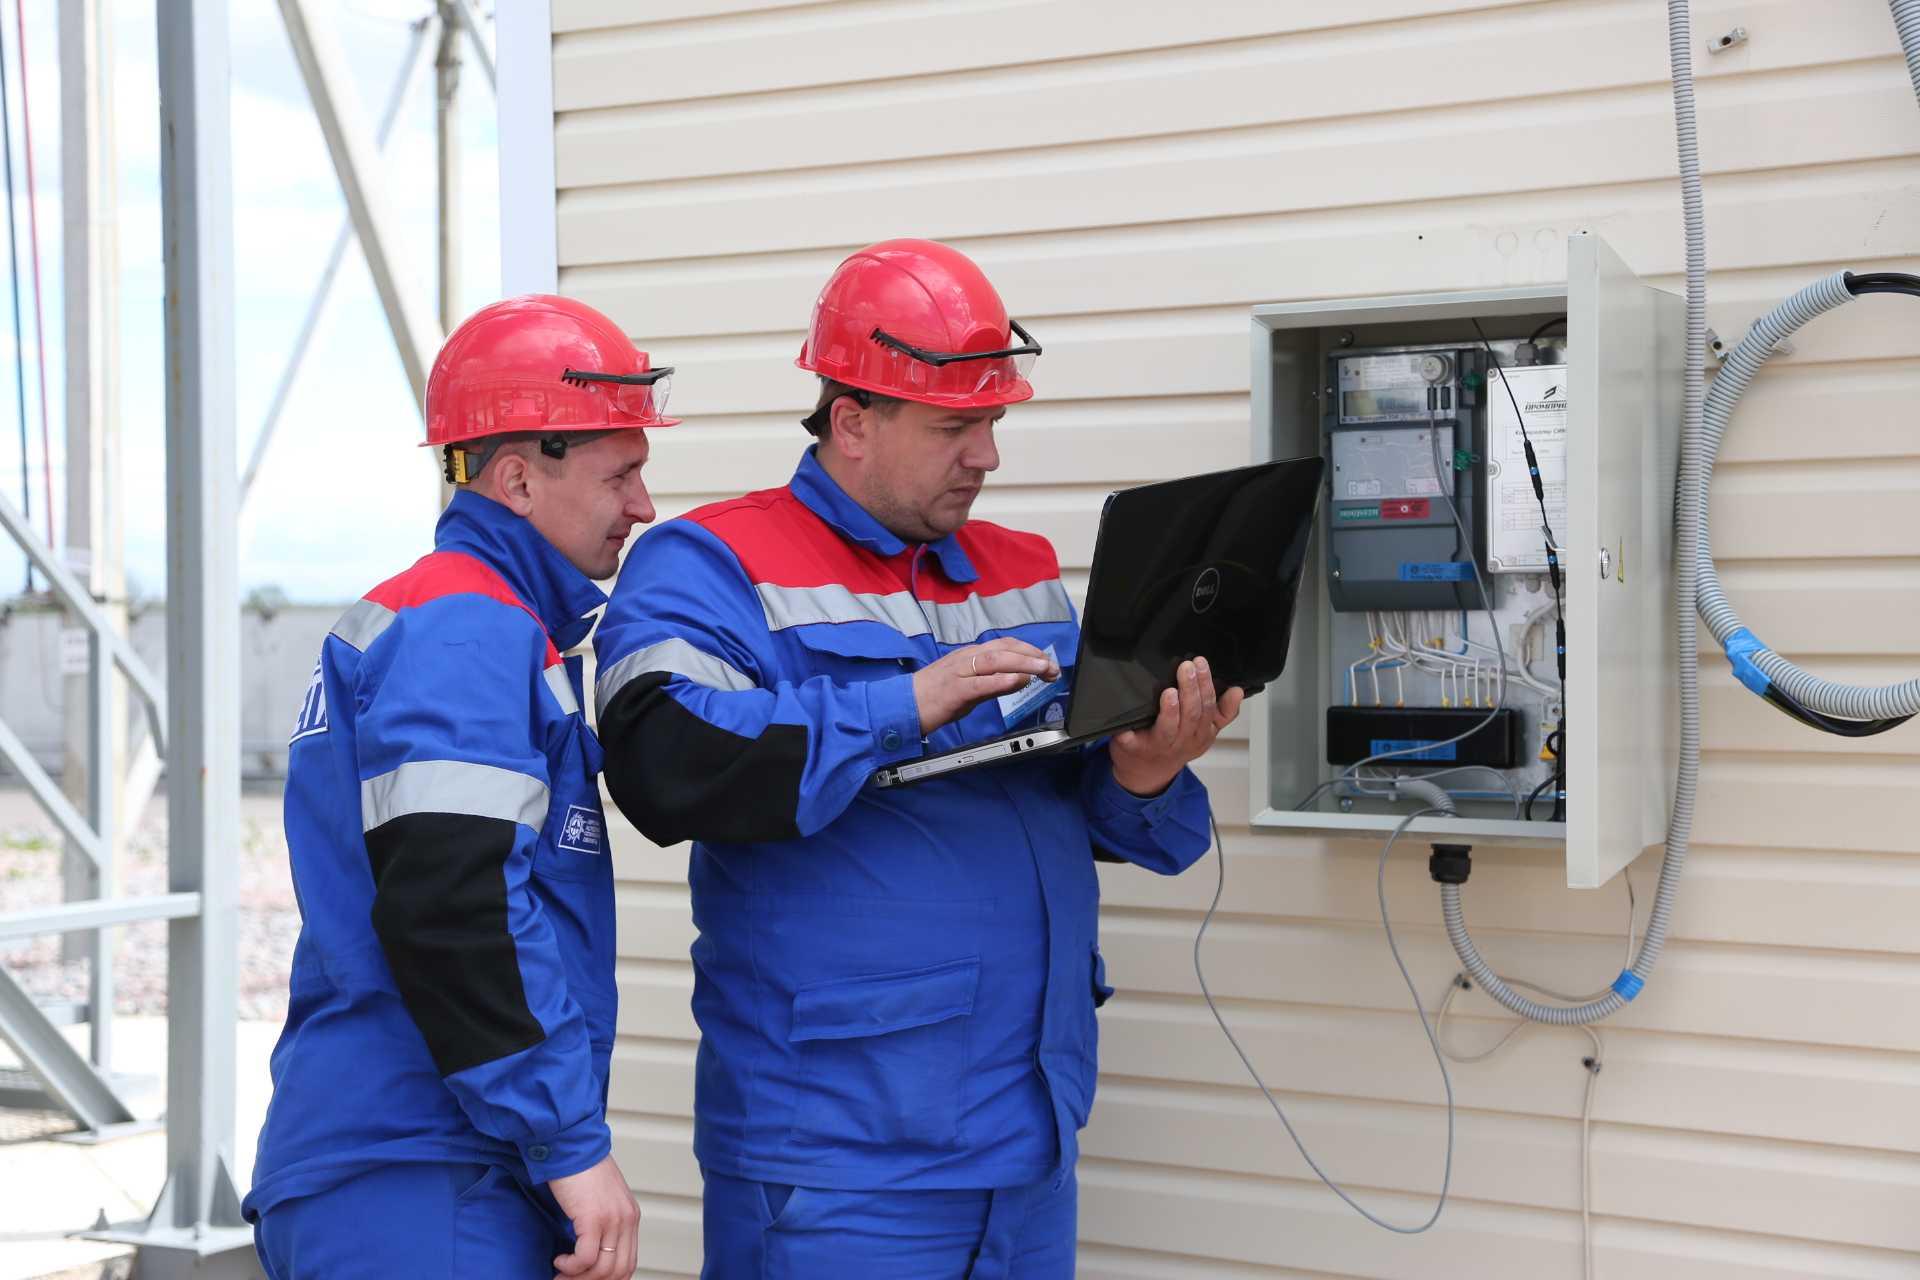 Массовые проверки счетчиков МРСК Урала перед сменой гарантирующего поставщика. Защита от необоснованного начисления потребления электроэнергии.